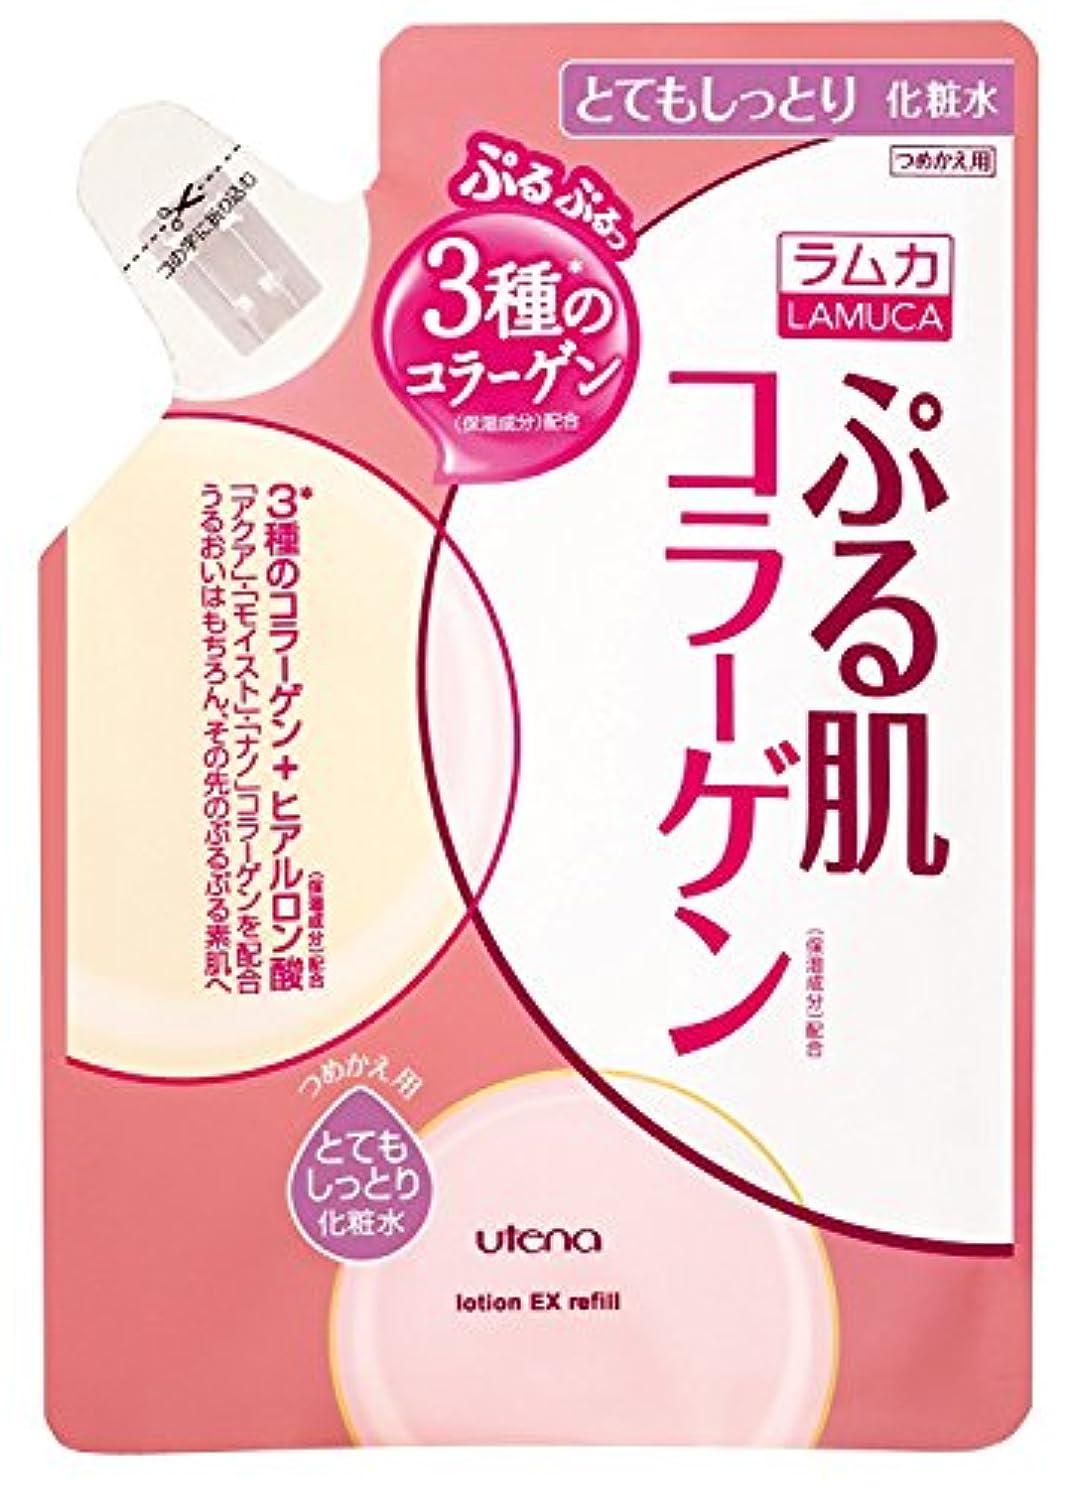 専ら安いです保守可能【ウテナ】ラムカ ぷる肌化粧水 とてもしっとり つめかえ用 180ml ×3個セット